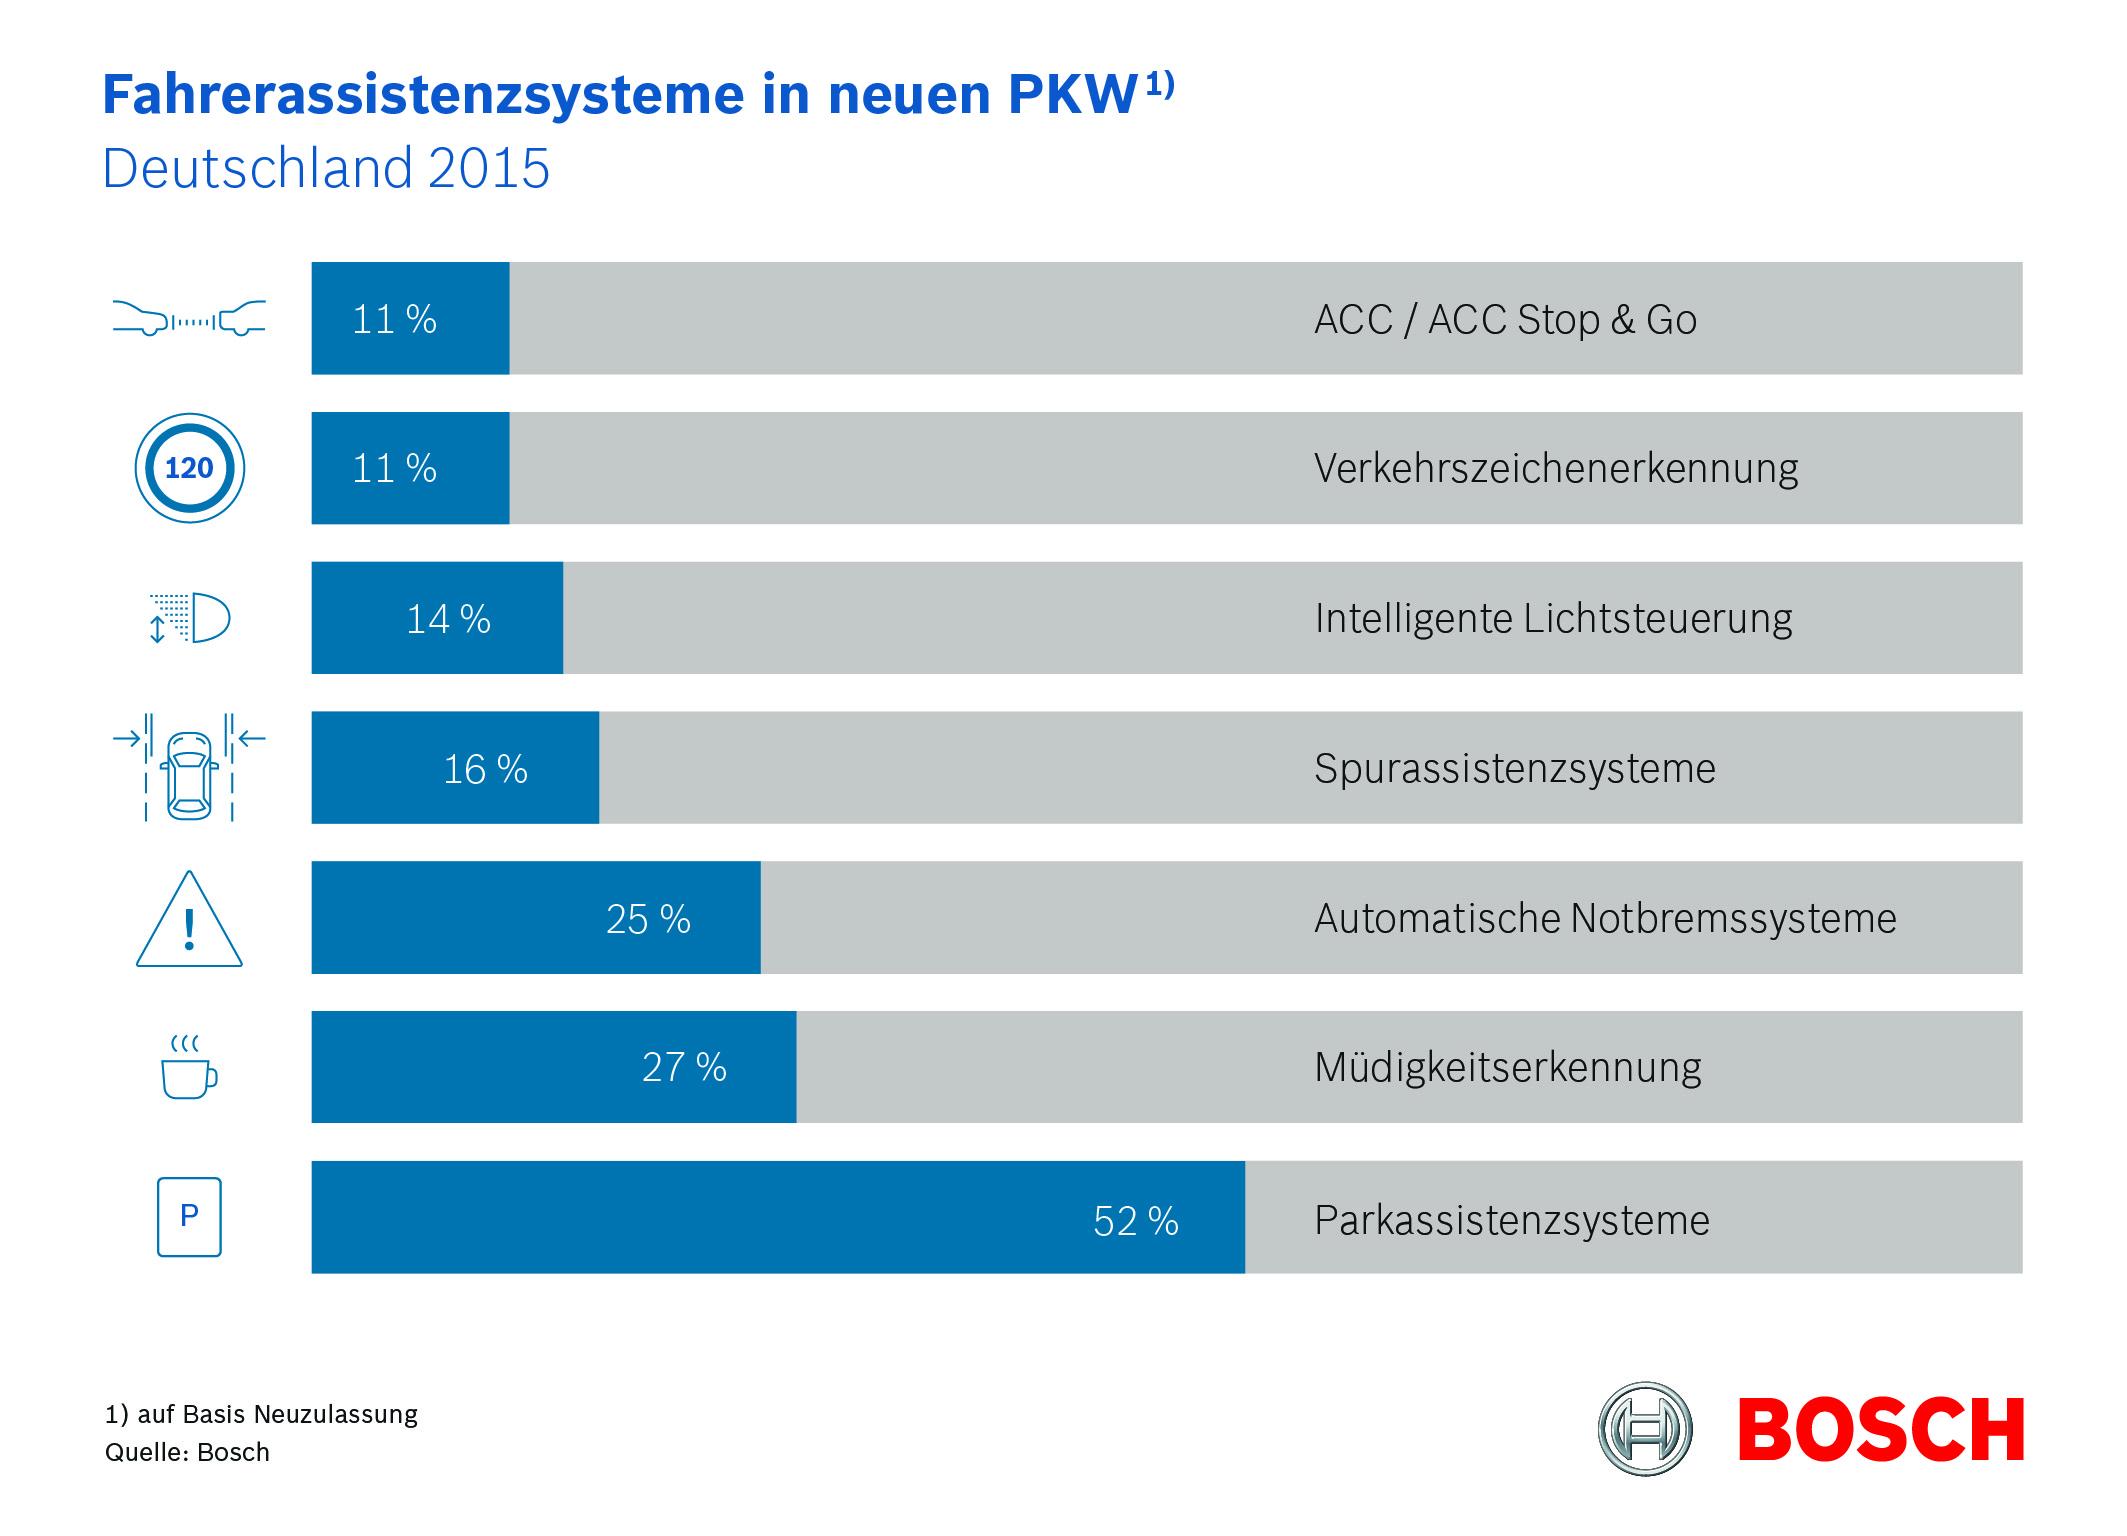 Fahrerassistenzsysteme in neuen PKW